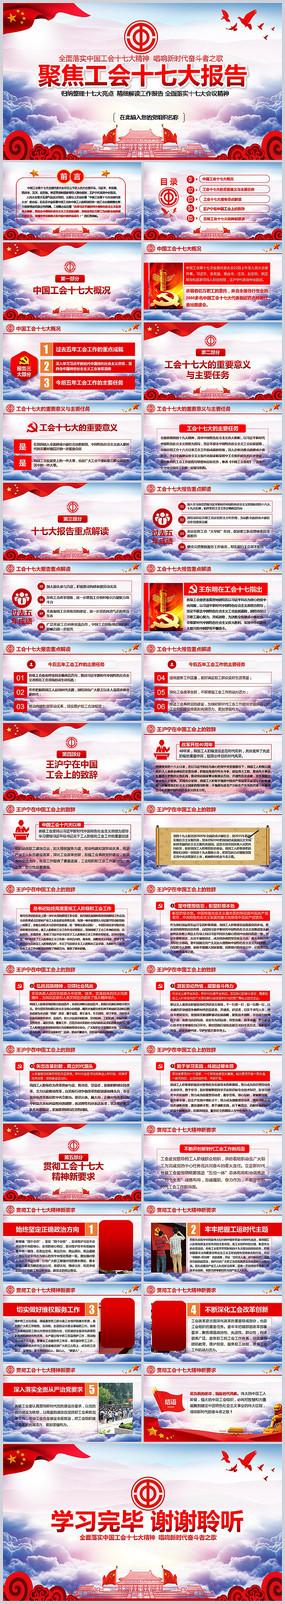 中国工会十七大精神解读ppt pptx